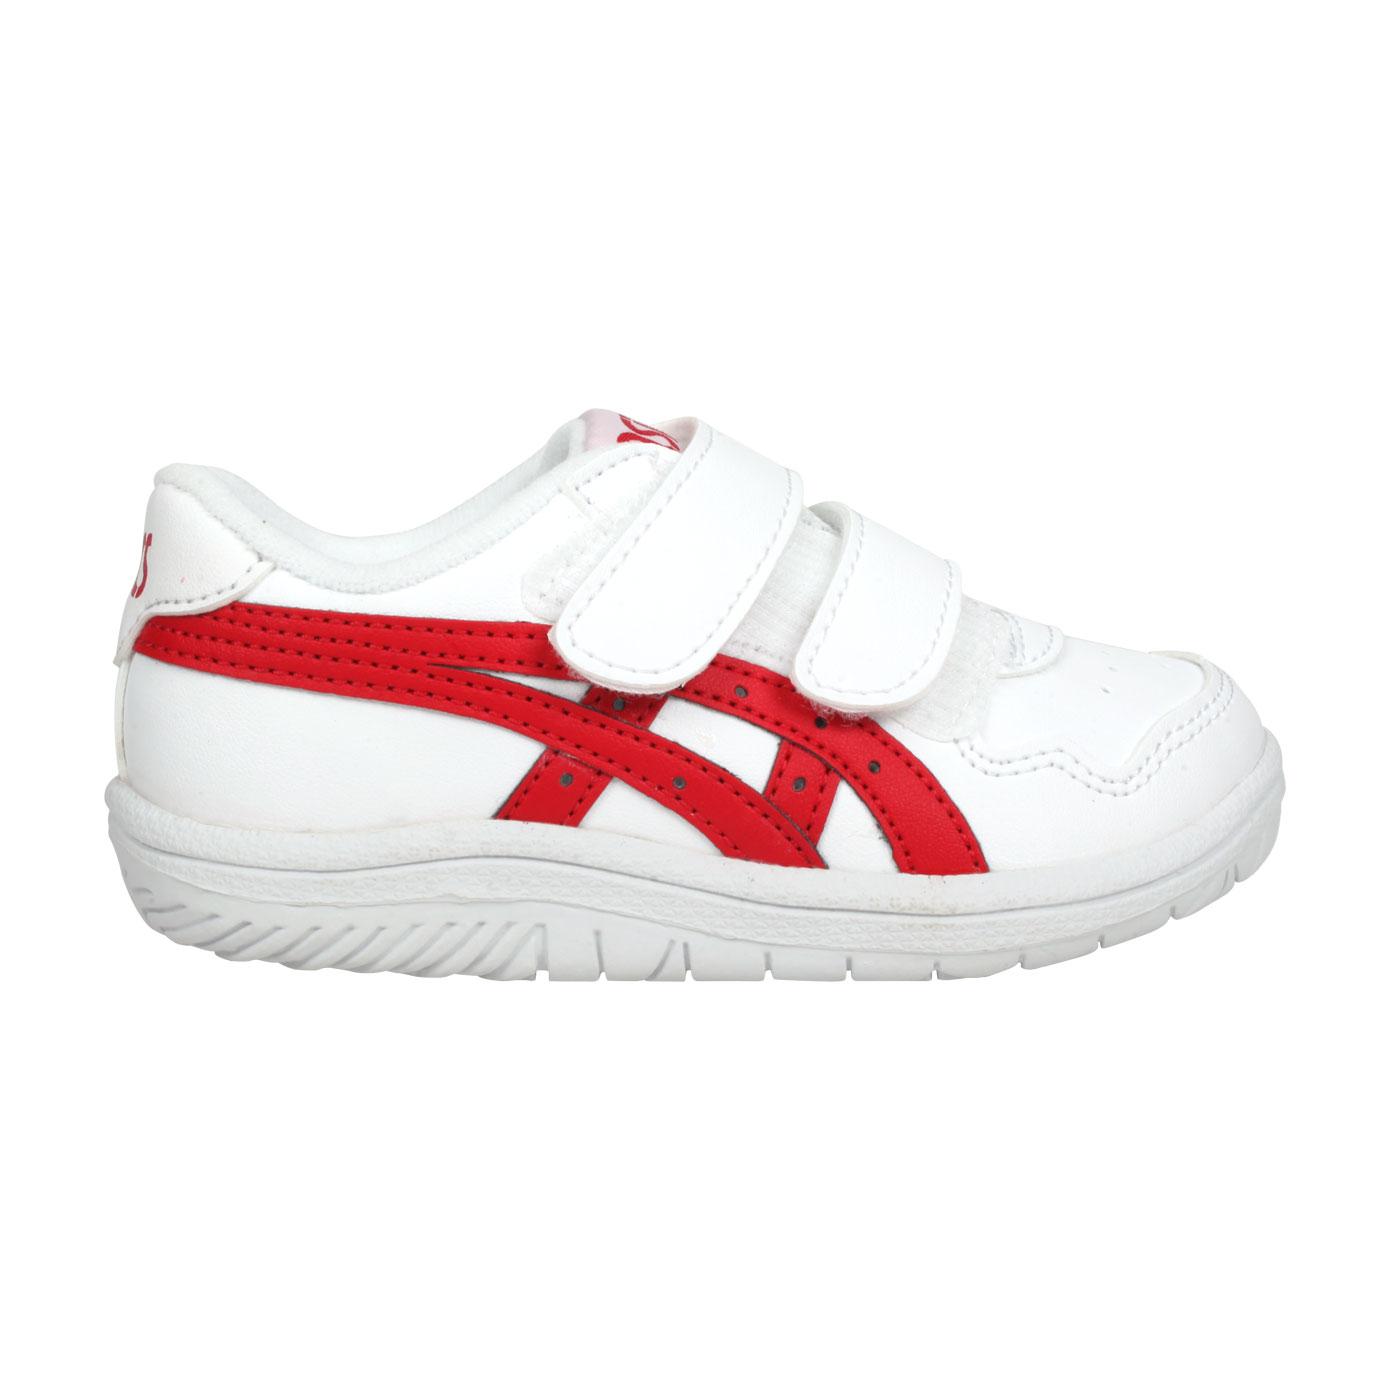 ASICS 小童休閒運動鞋  @JAPAN S TS@1194A082-139 - 白紅